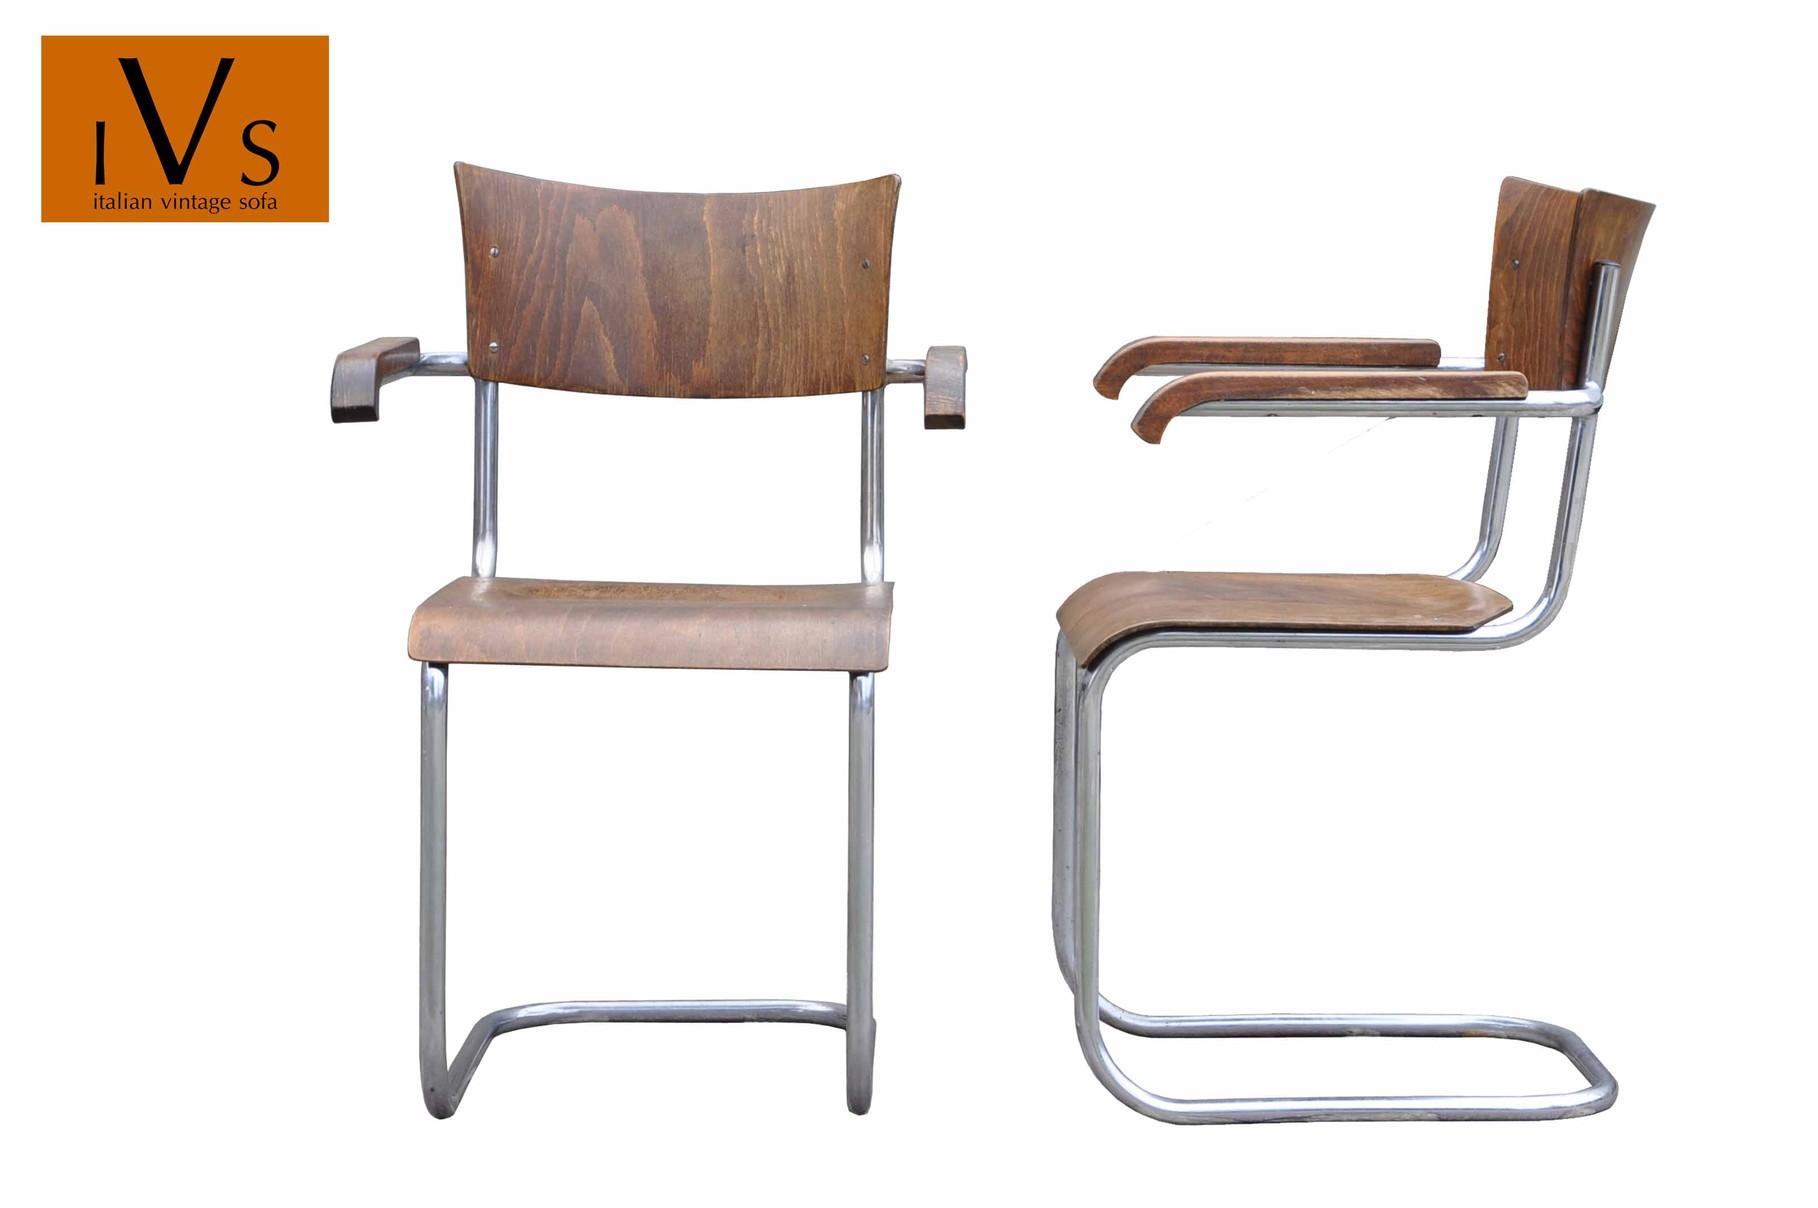 mart stam chair red velvet desk sedia cantilever bauhaus thonet b43f italian